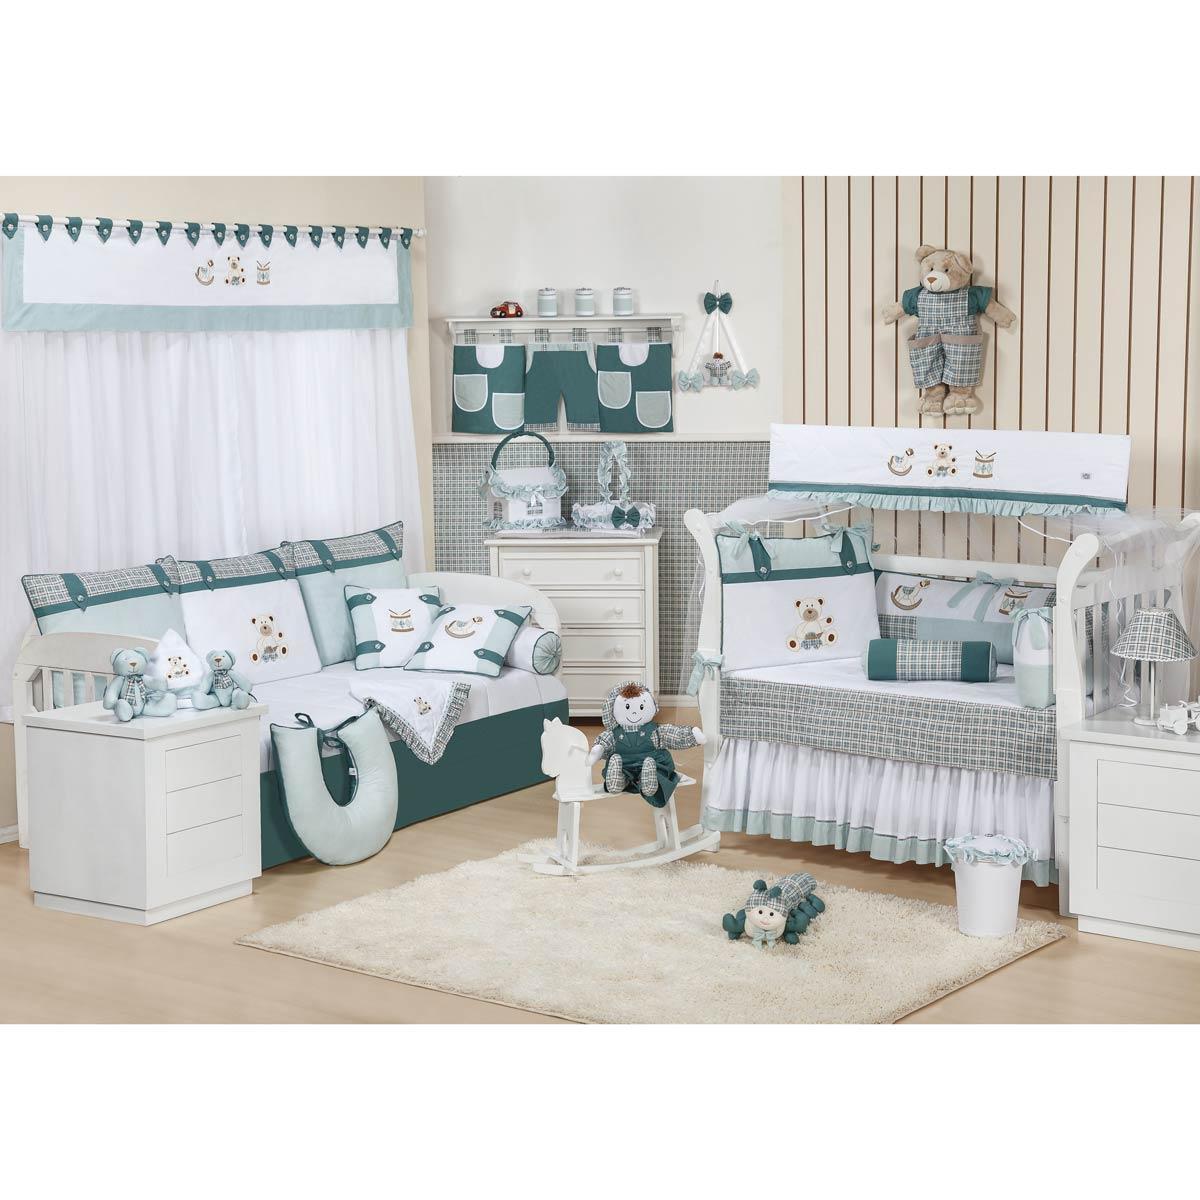 Farmacinha Enfeitada p/ Quarto de Bebê - Coleção Brinquedos Baby